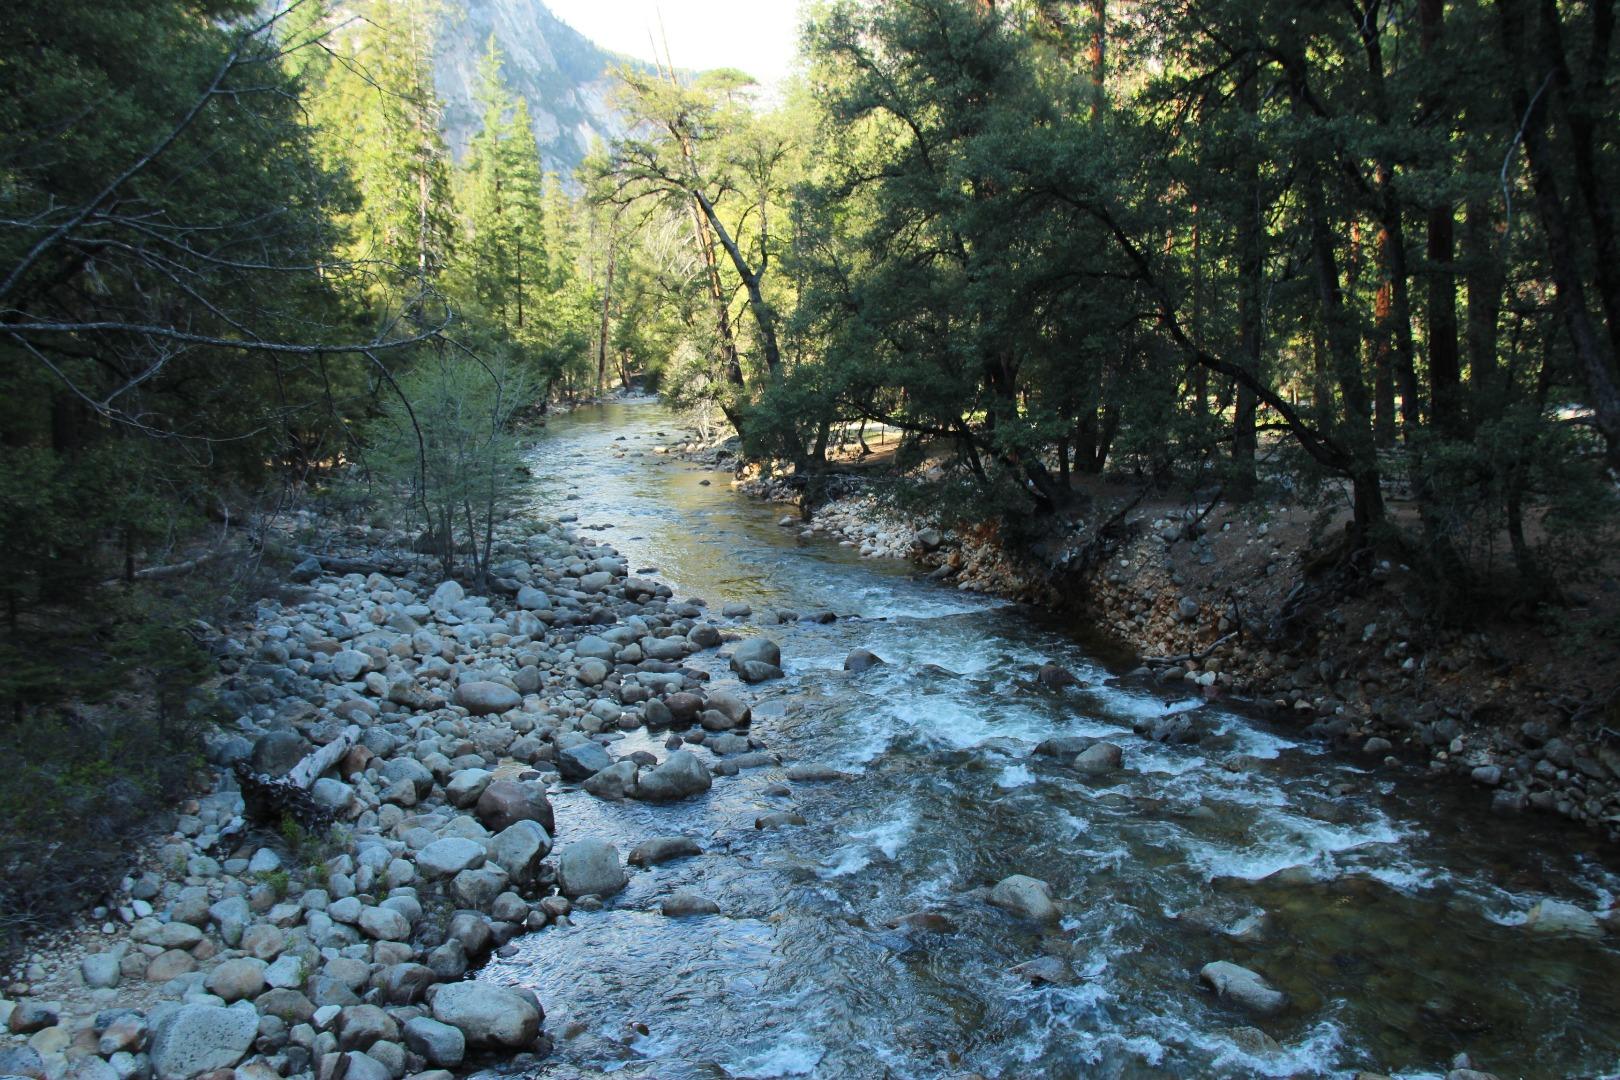 优胜美地的特色是:壮观的花岗岩峭壁,清澈的溪流和瀑布,巨大的红杉树森林。